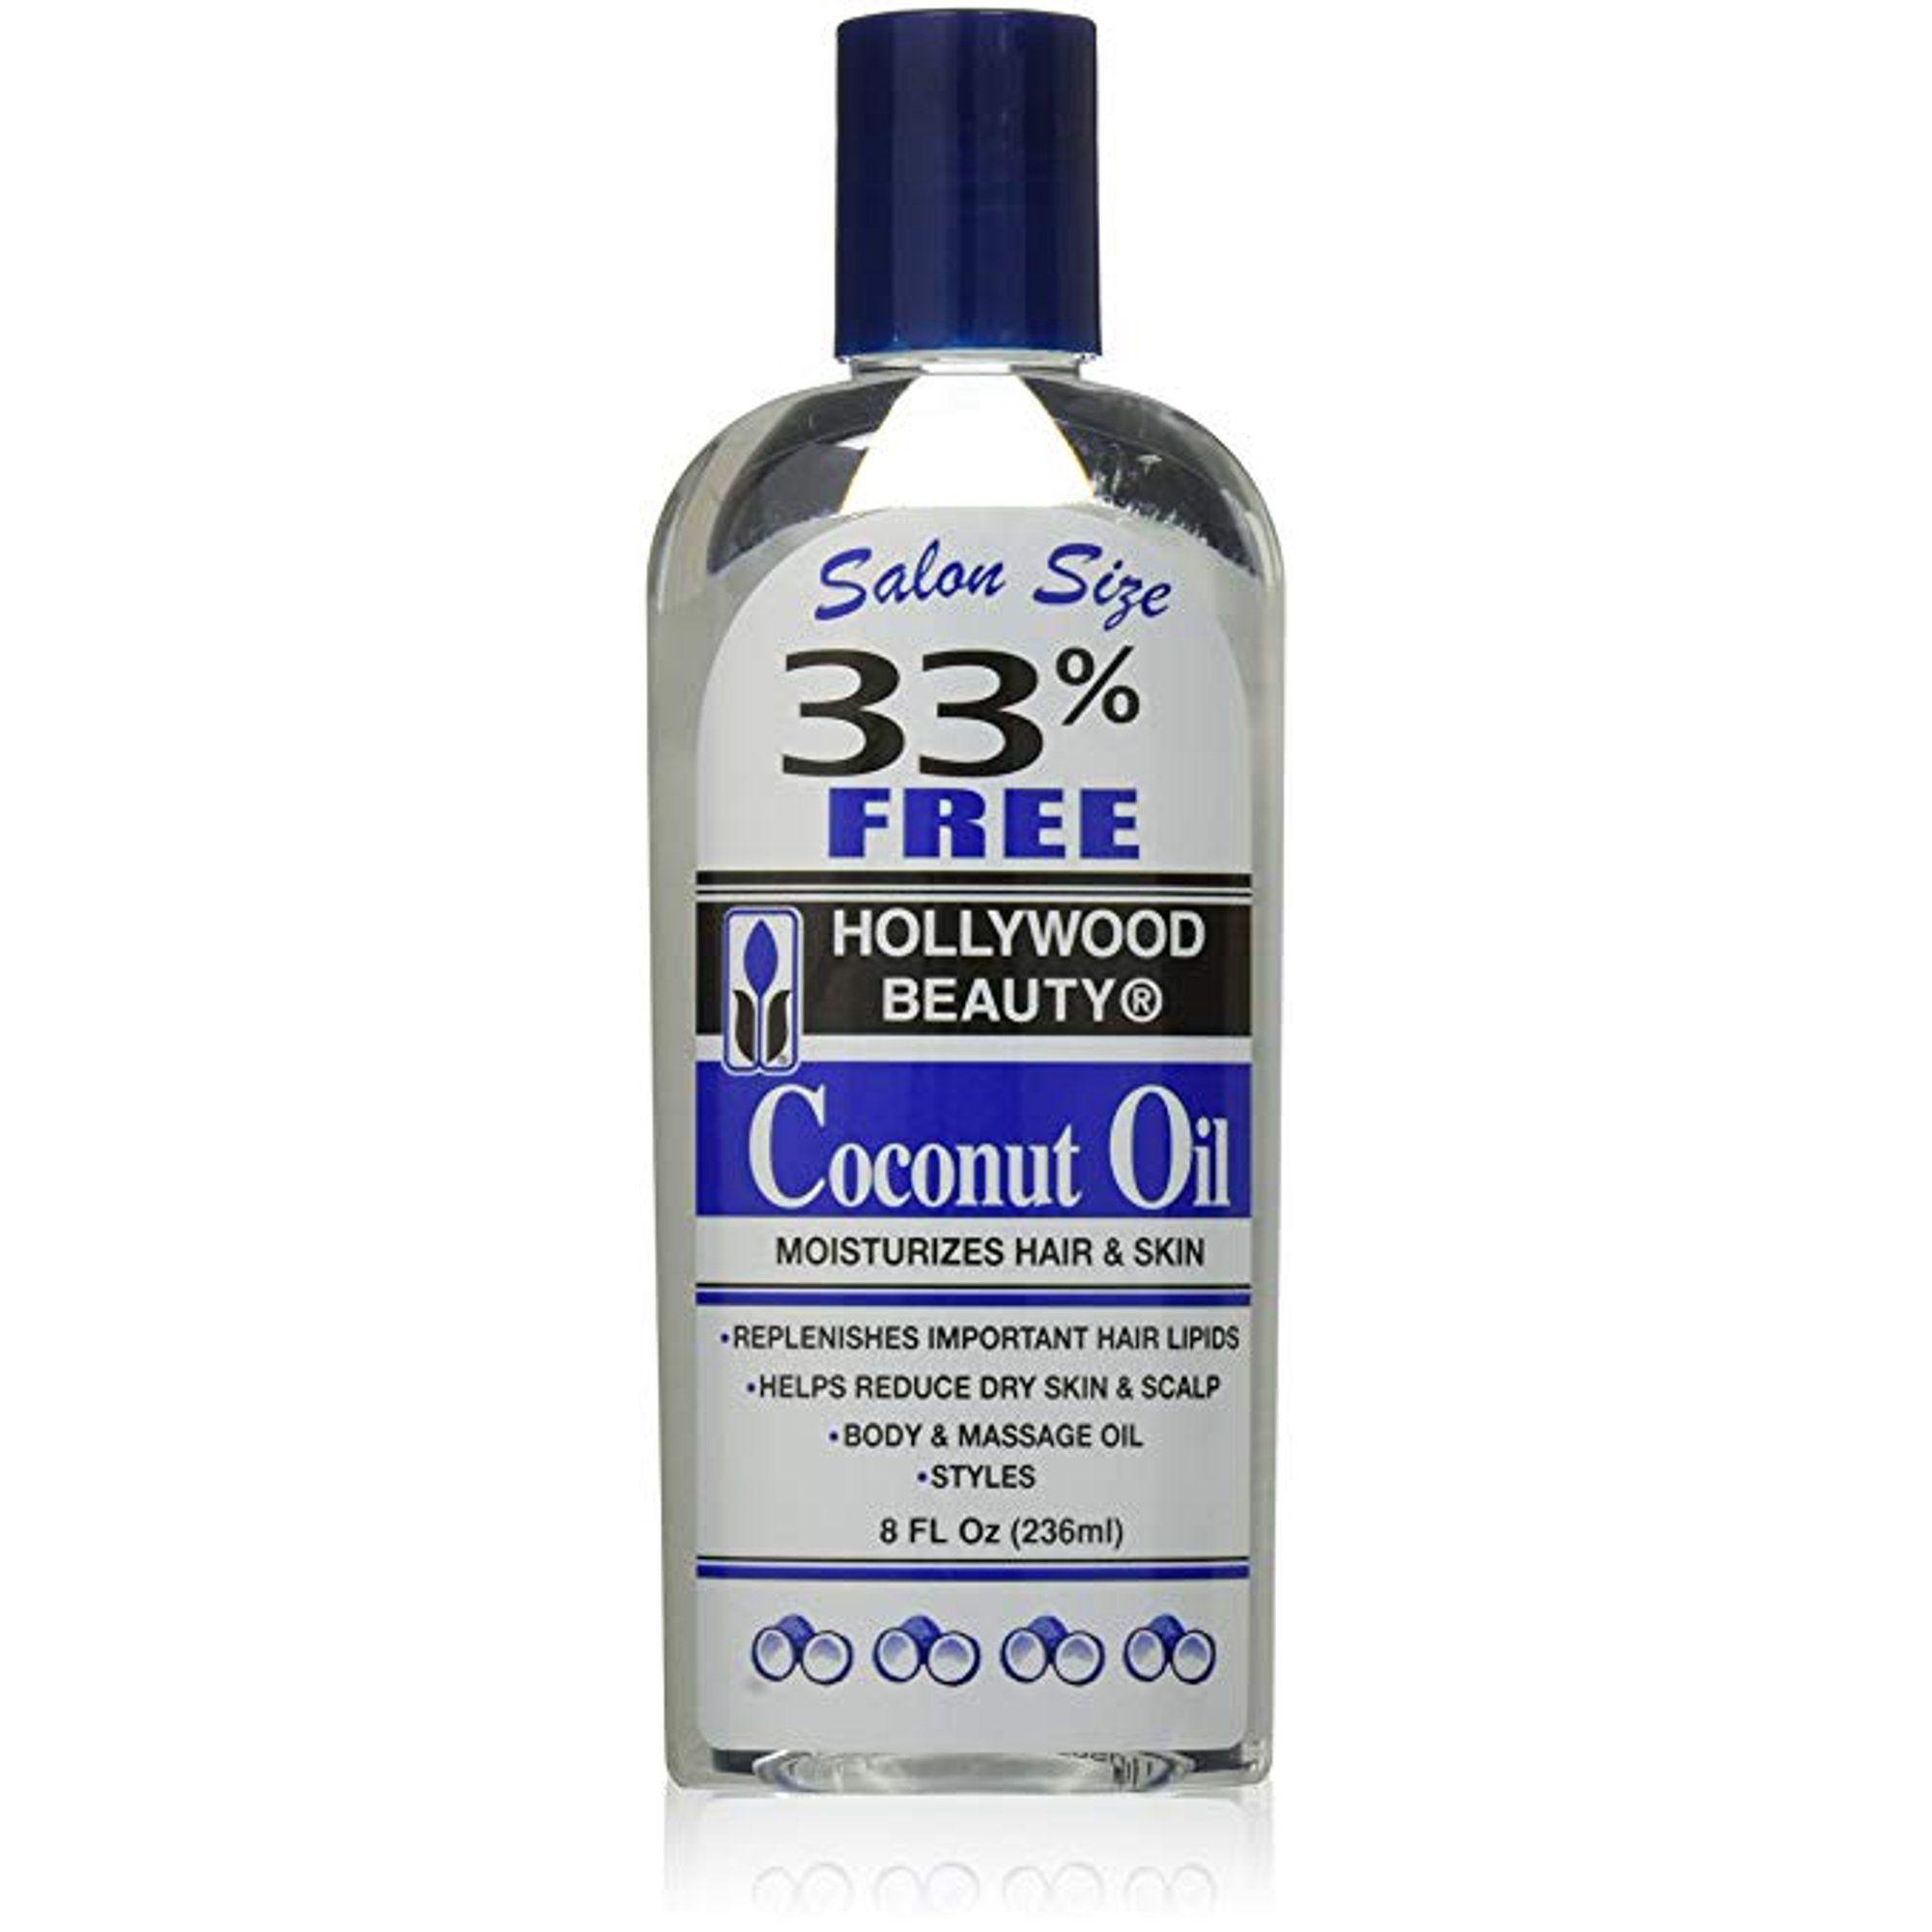 Hollywood Beauty Coconut Oil - 8oz